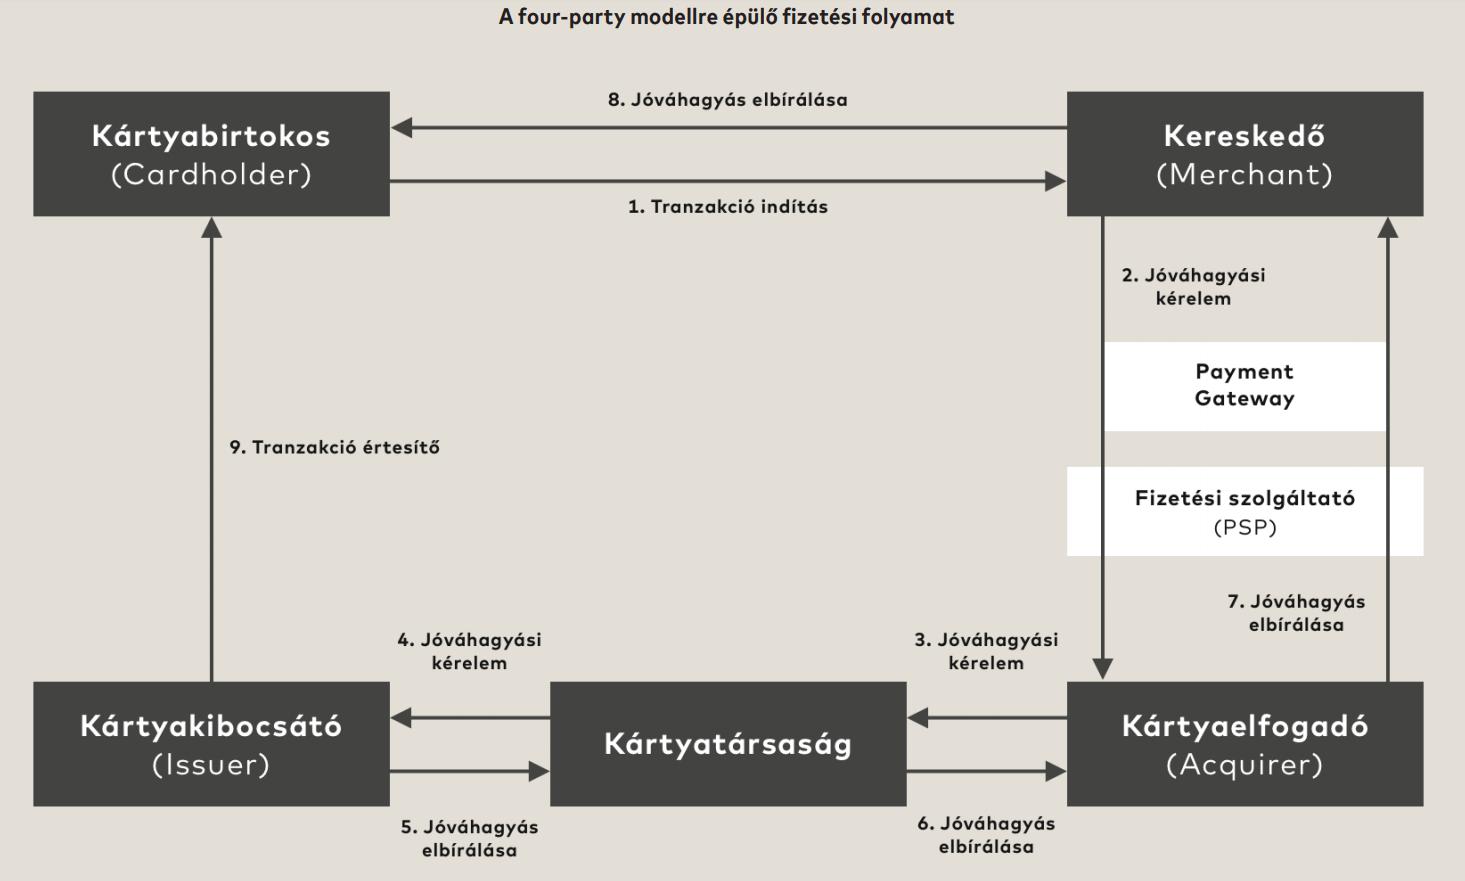 Payment Gateway működése